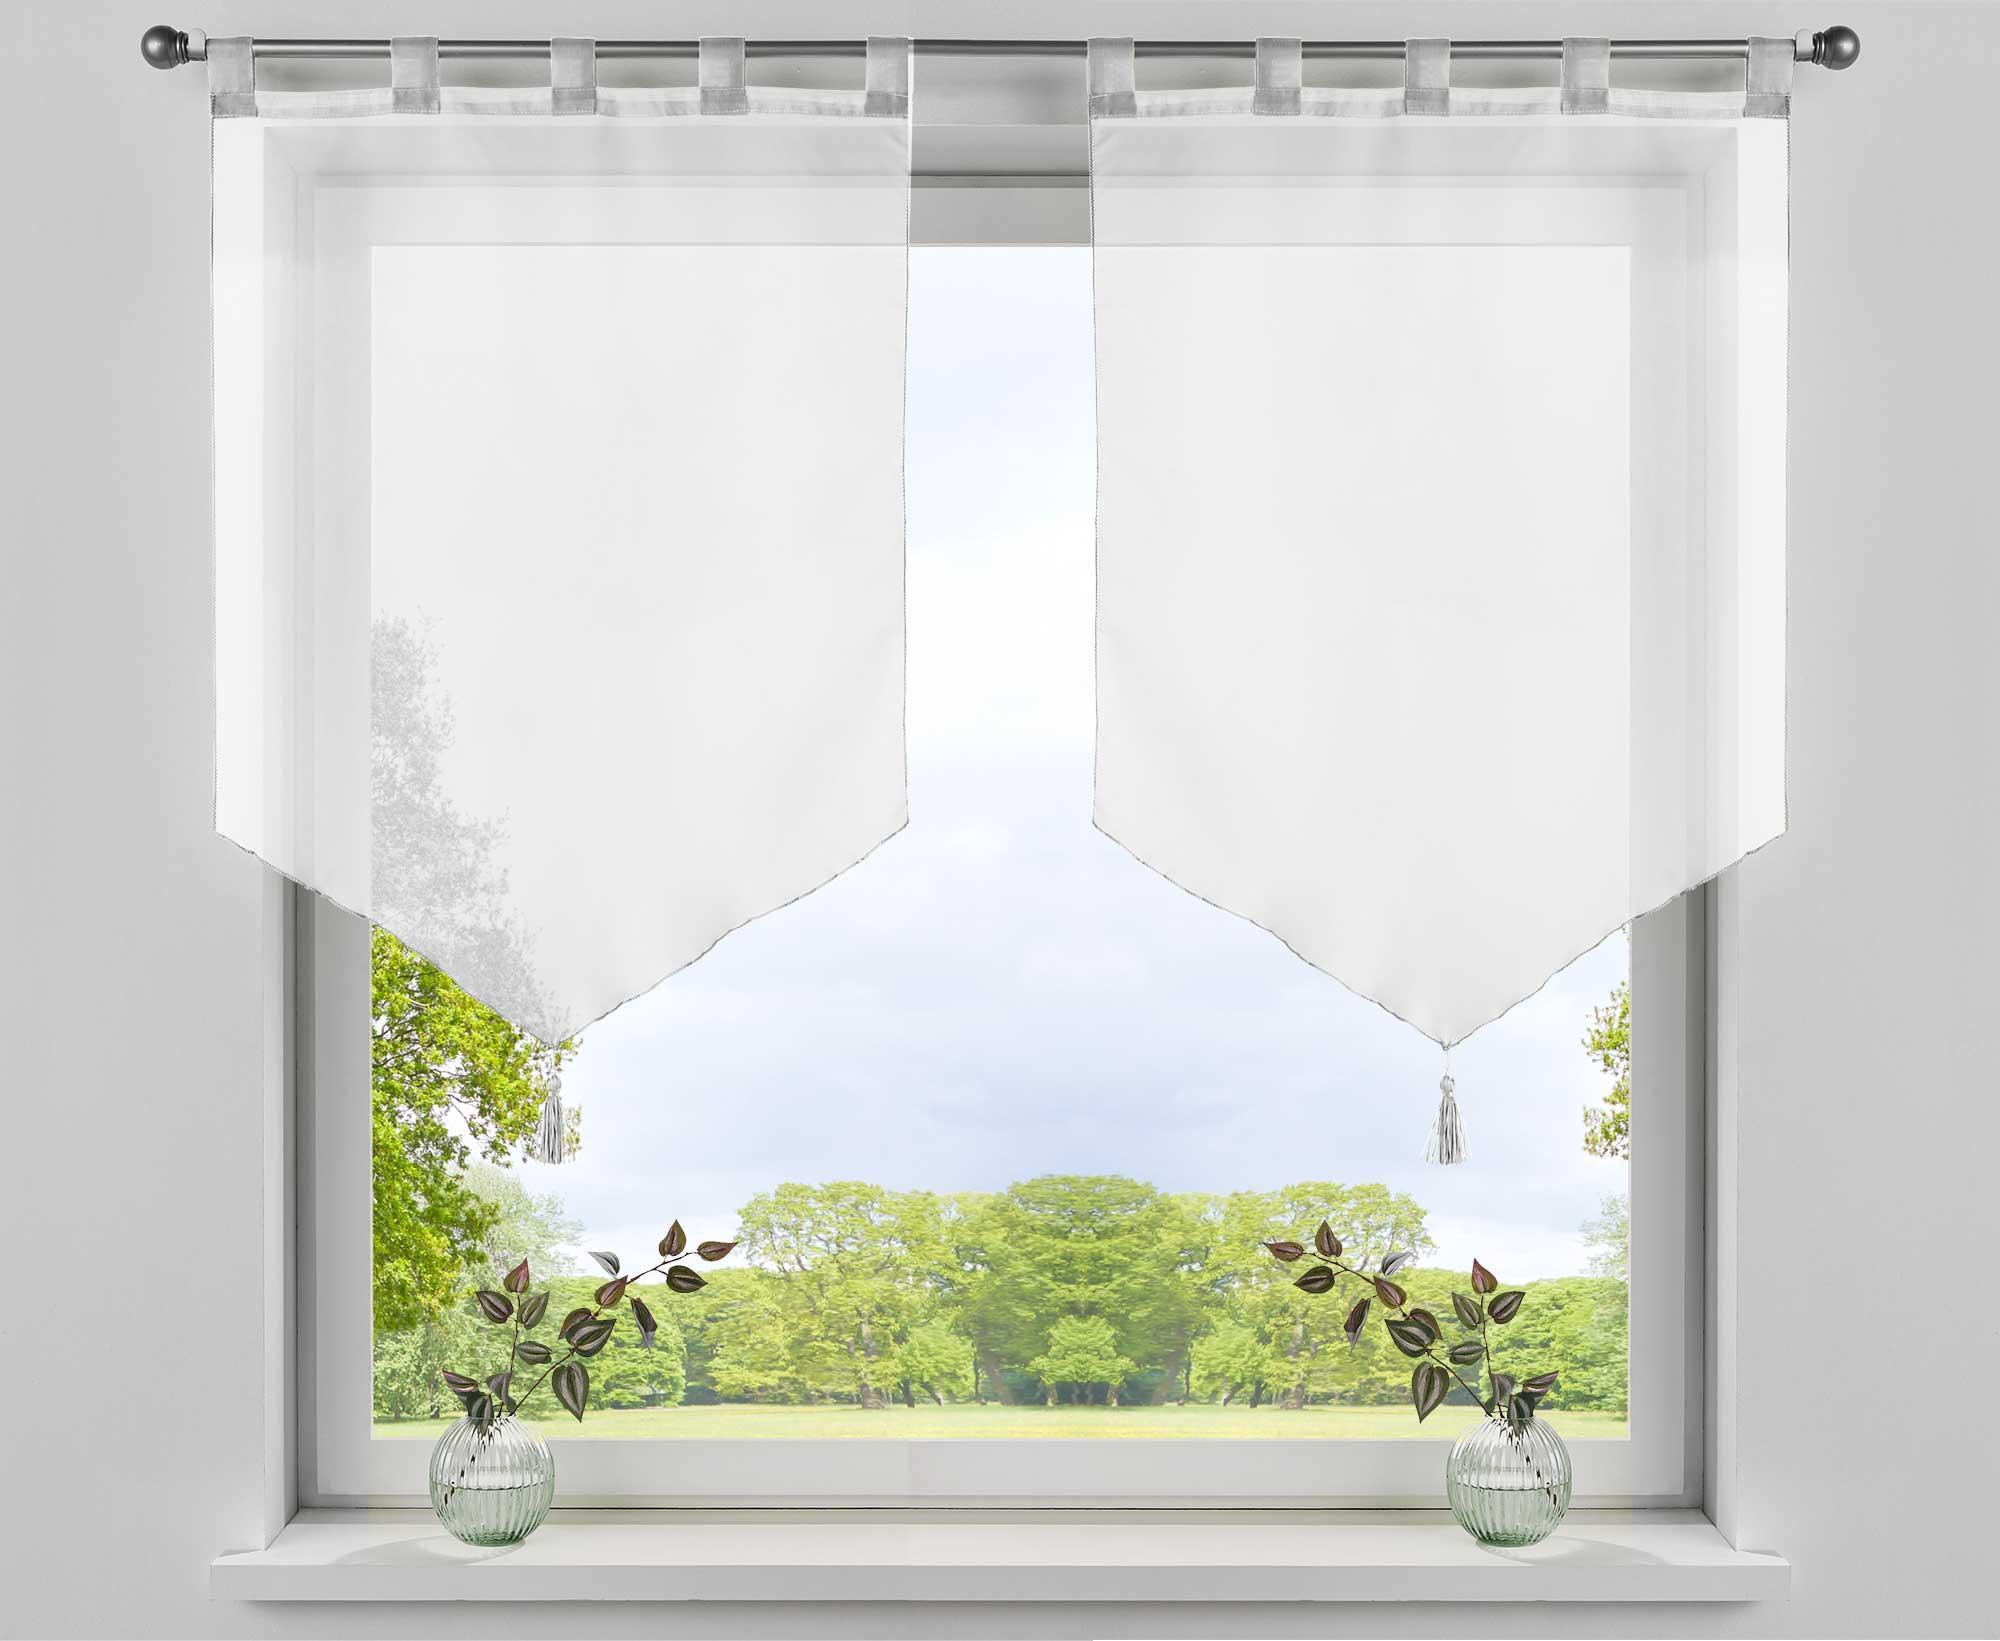 Details zu 18 x Scheibengardinen »LYON« Voile Schlaufen Küche Spitzpanneaux  Scheibenhänger